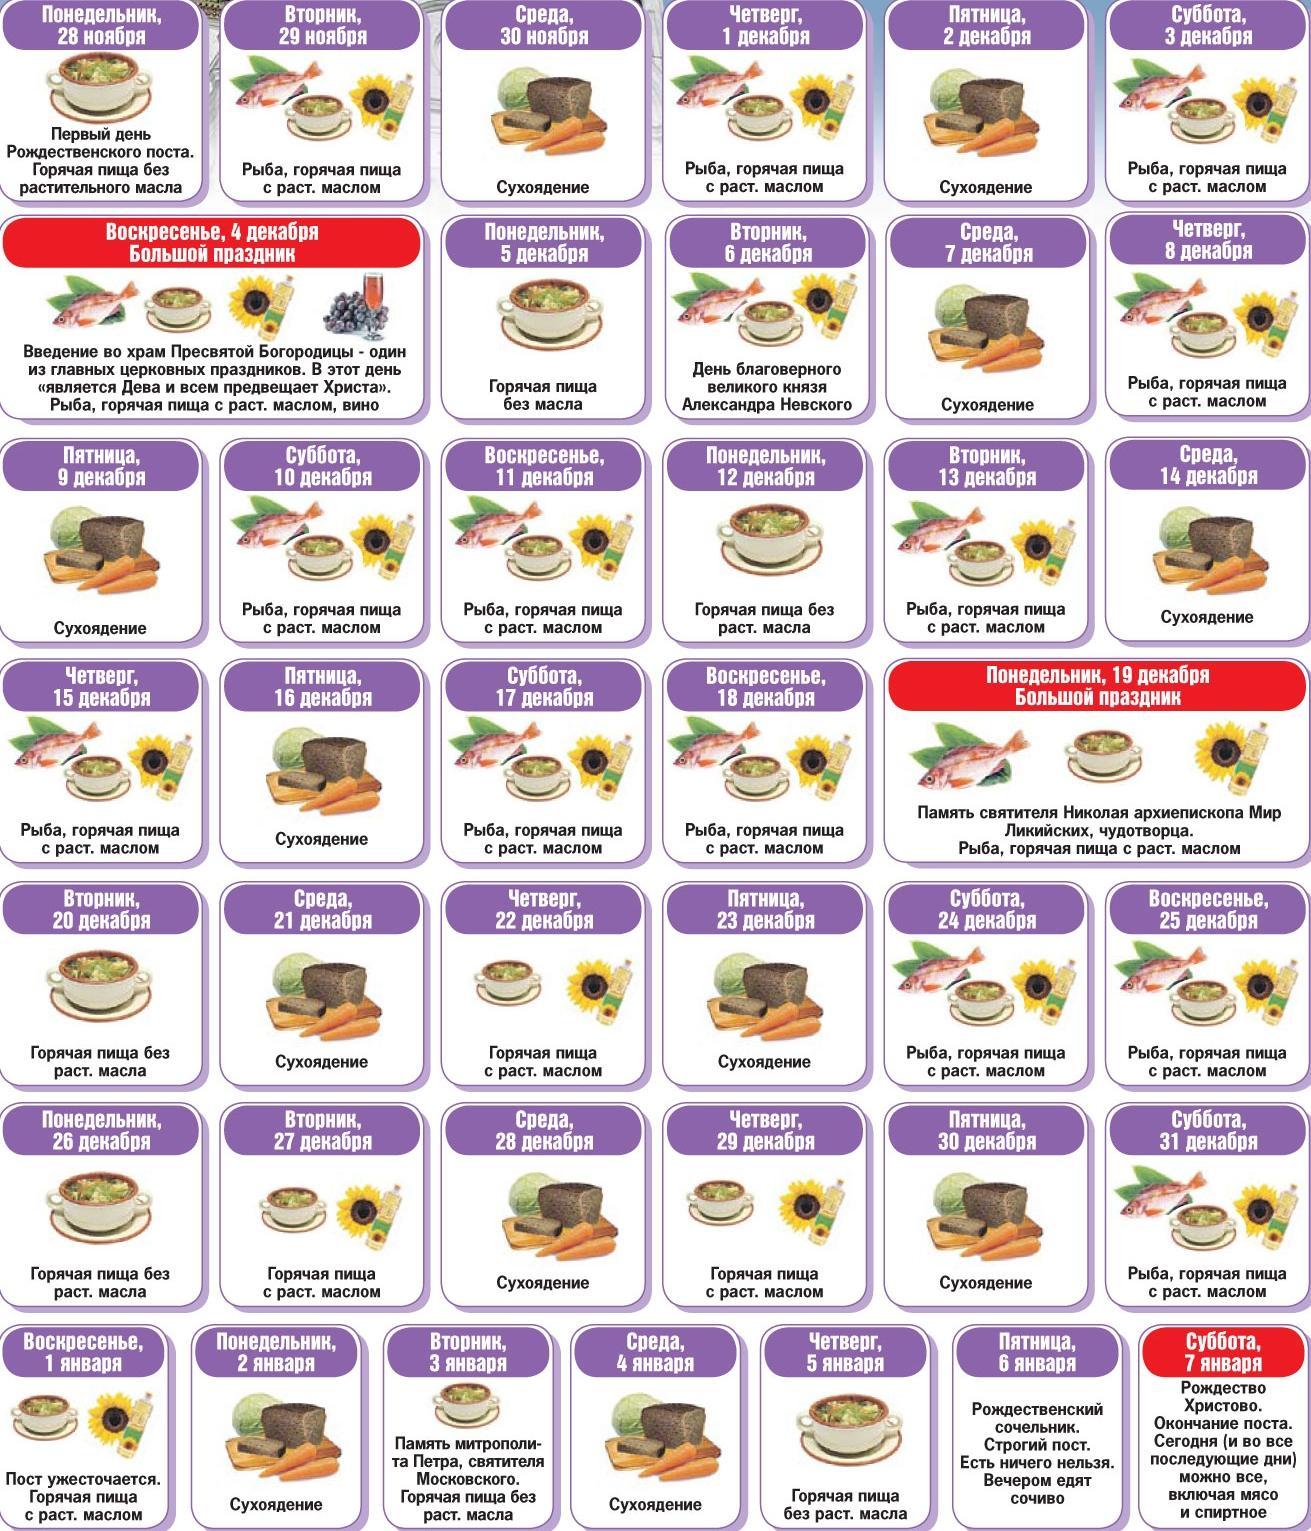 Календарь питания в Православный Пост 2015 года